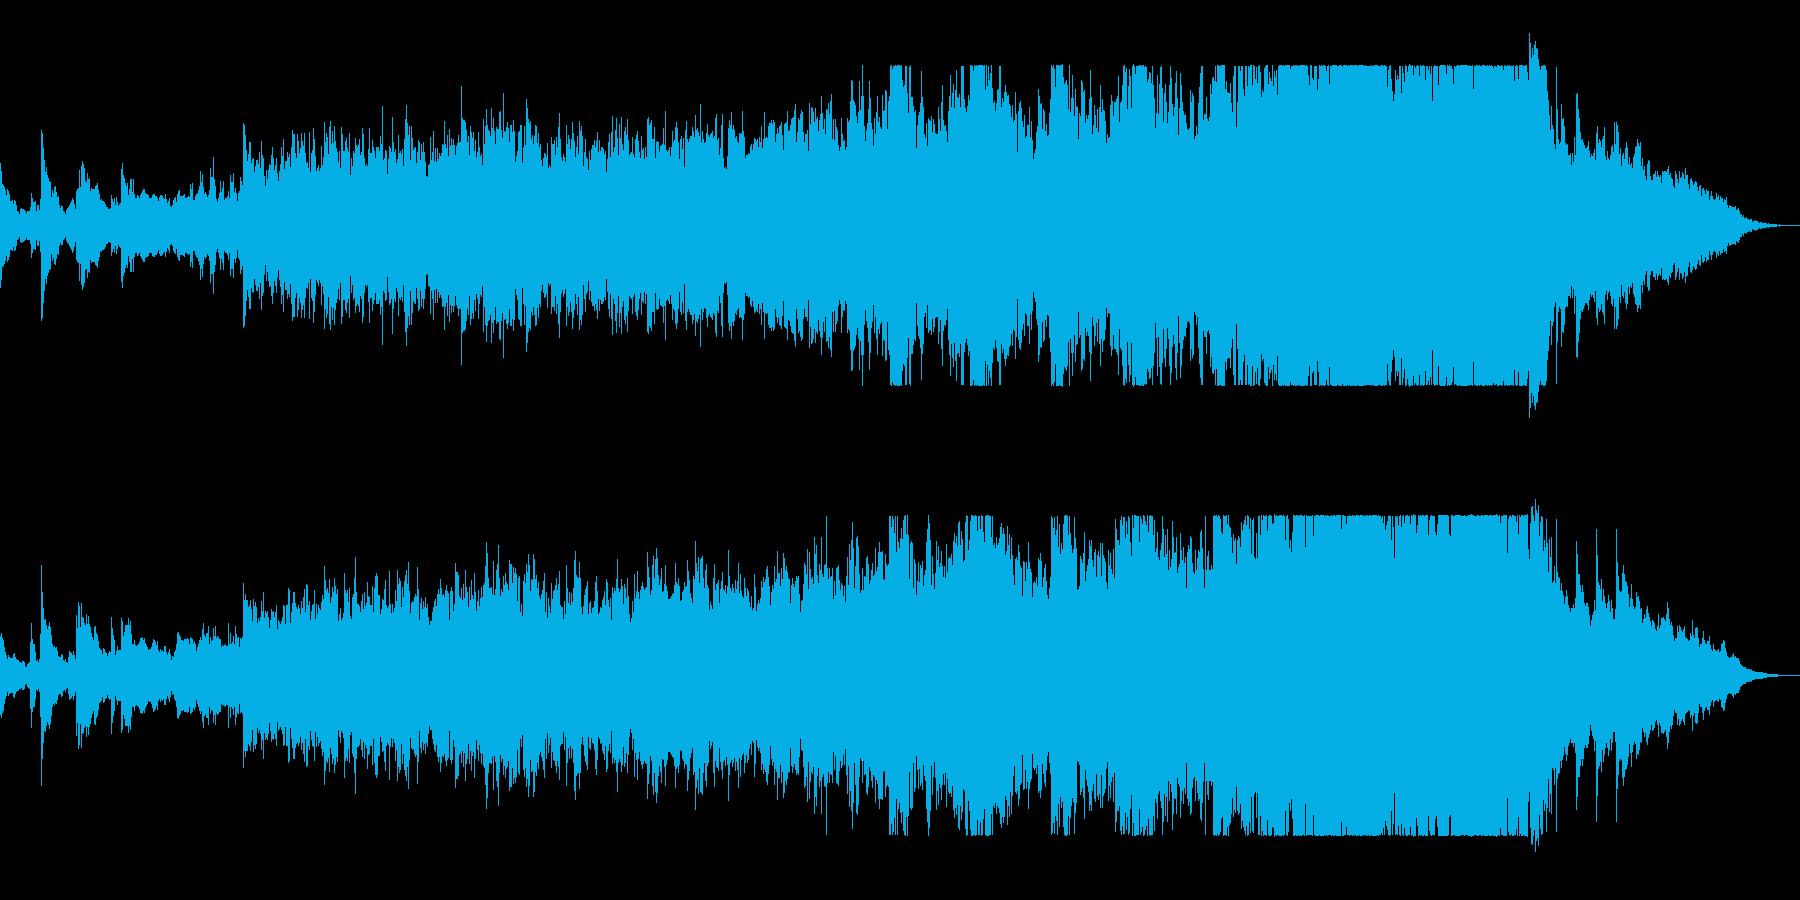 ハスキーな歌声と低音打楽器が特徴の楽曲の再生済みの波形